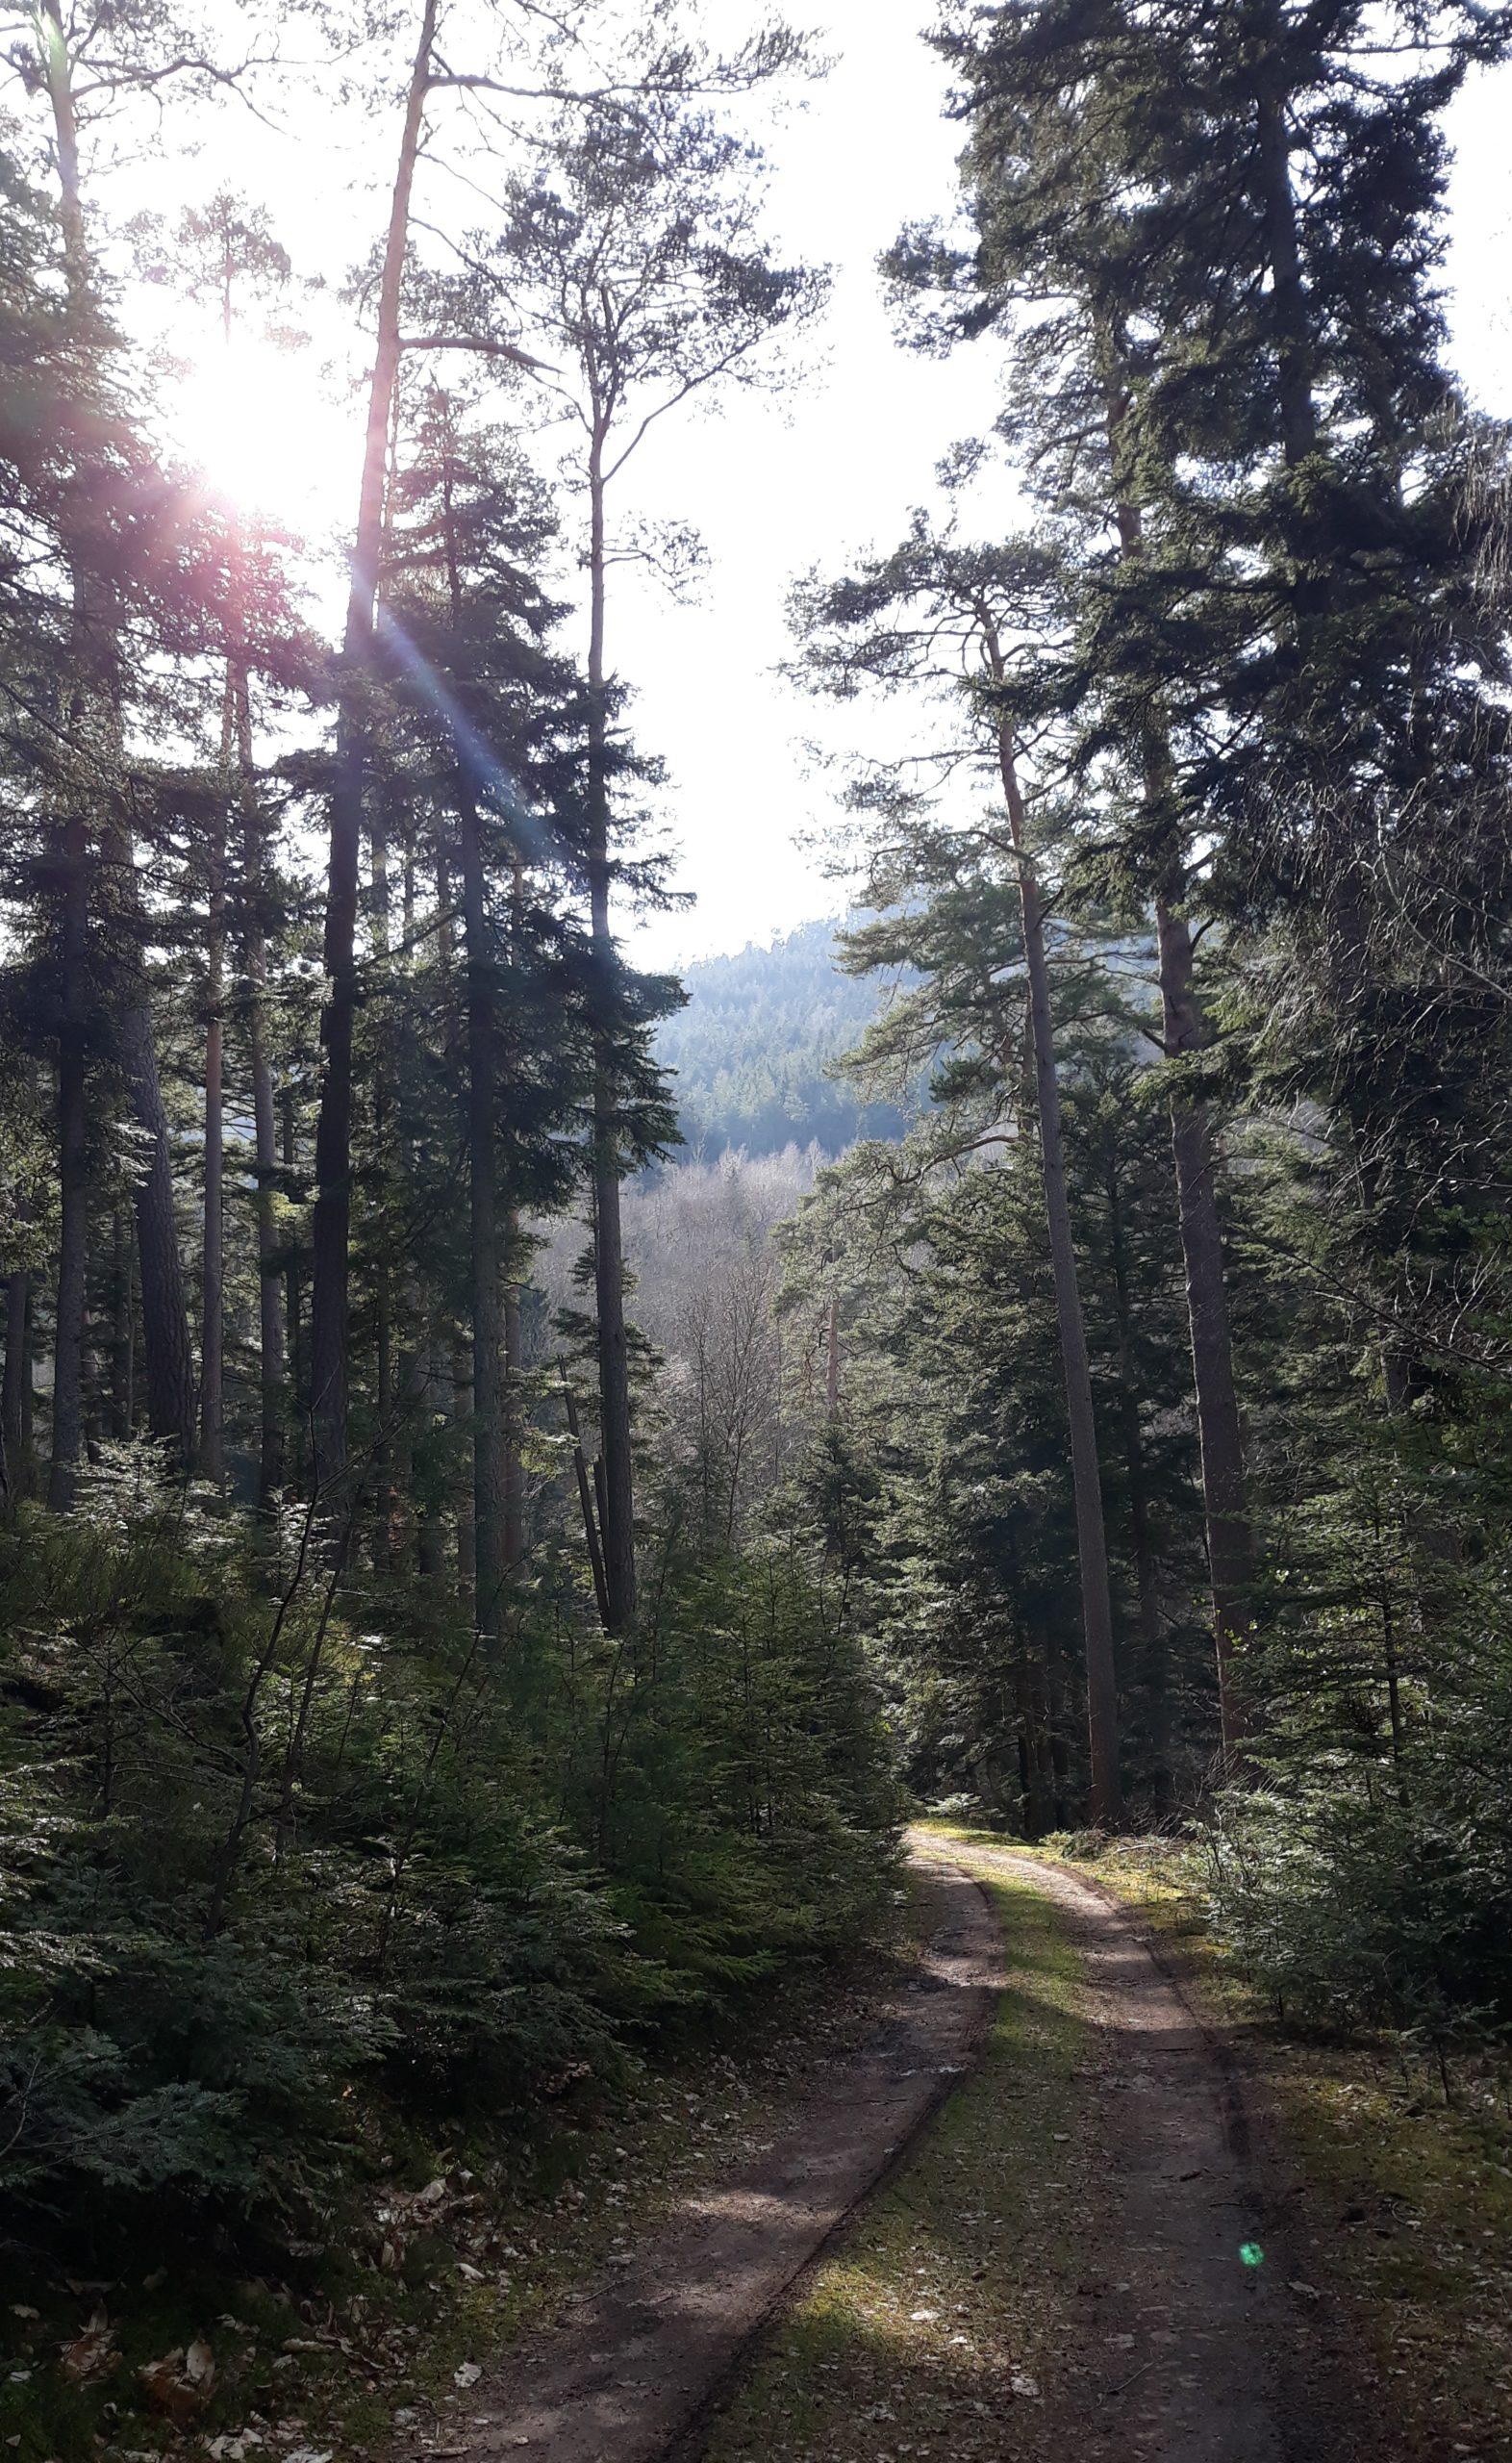 Chemin éclairé par le soleil dans la forêt des Vosges